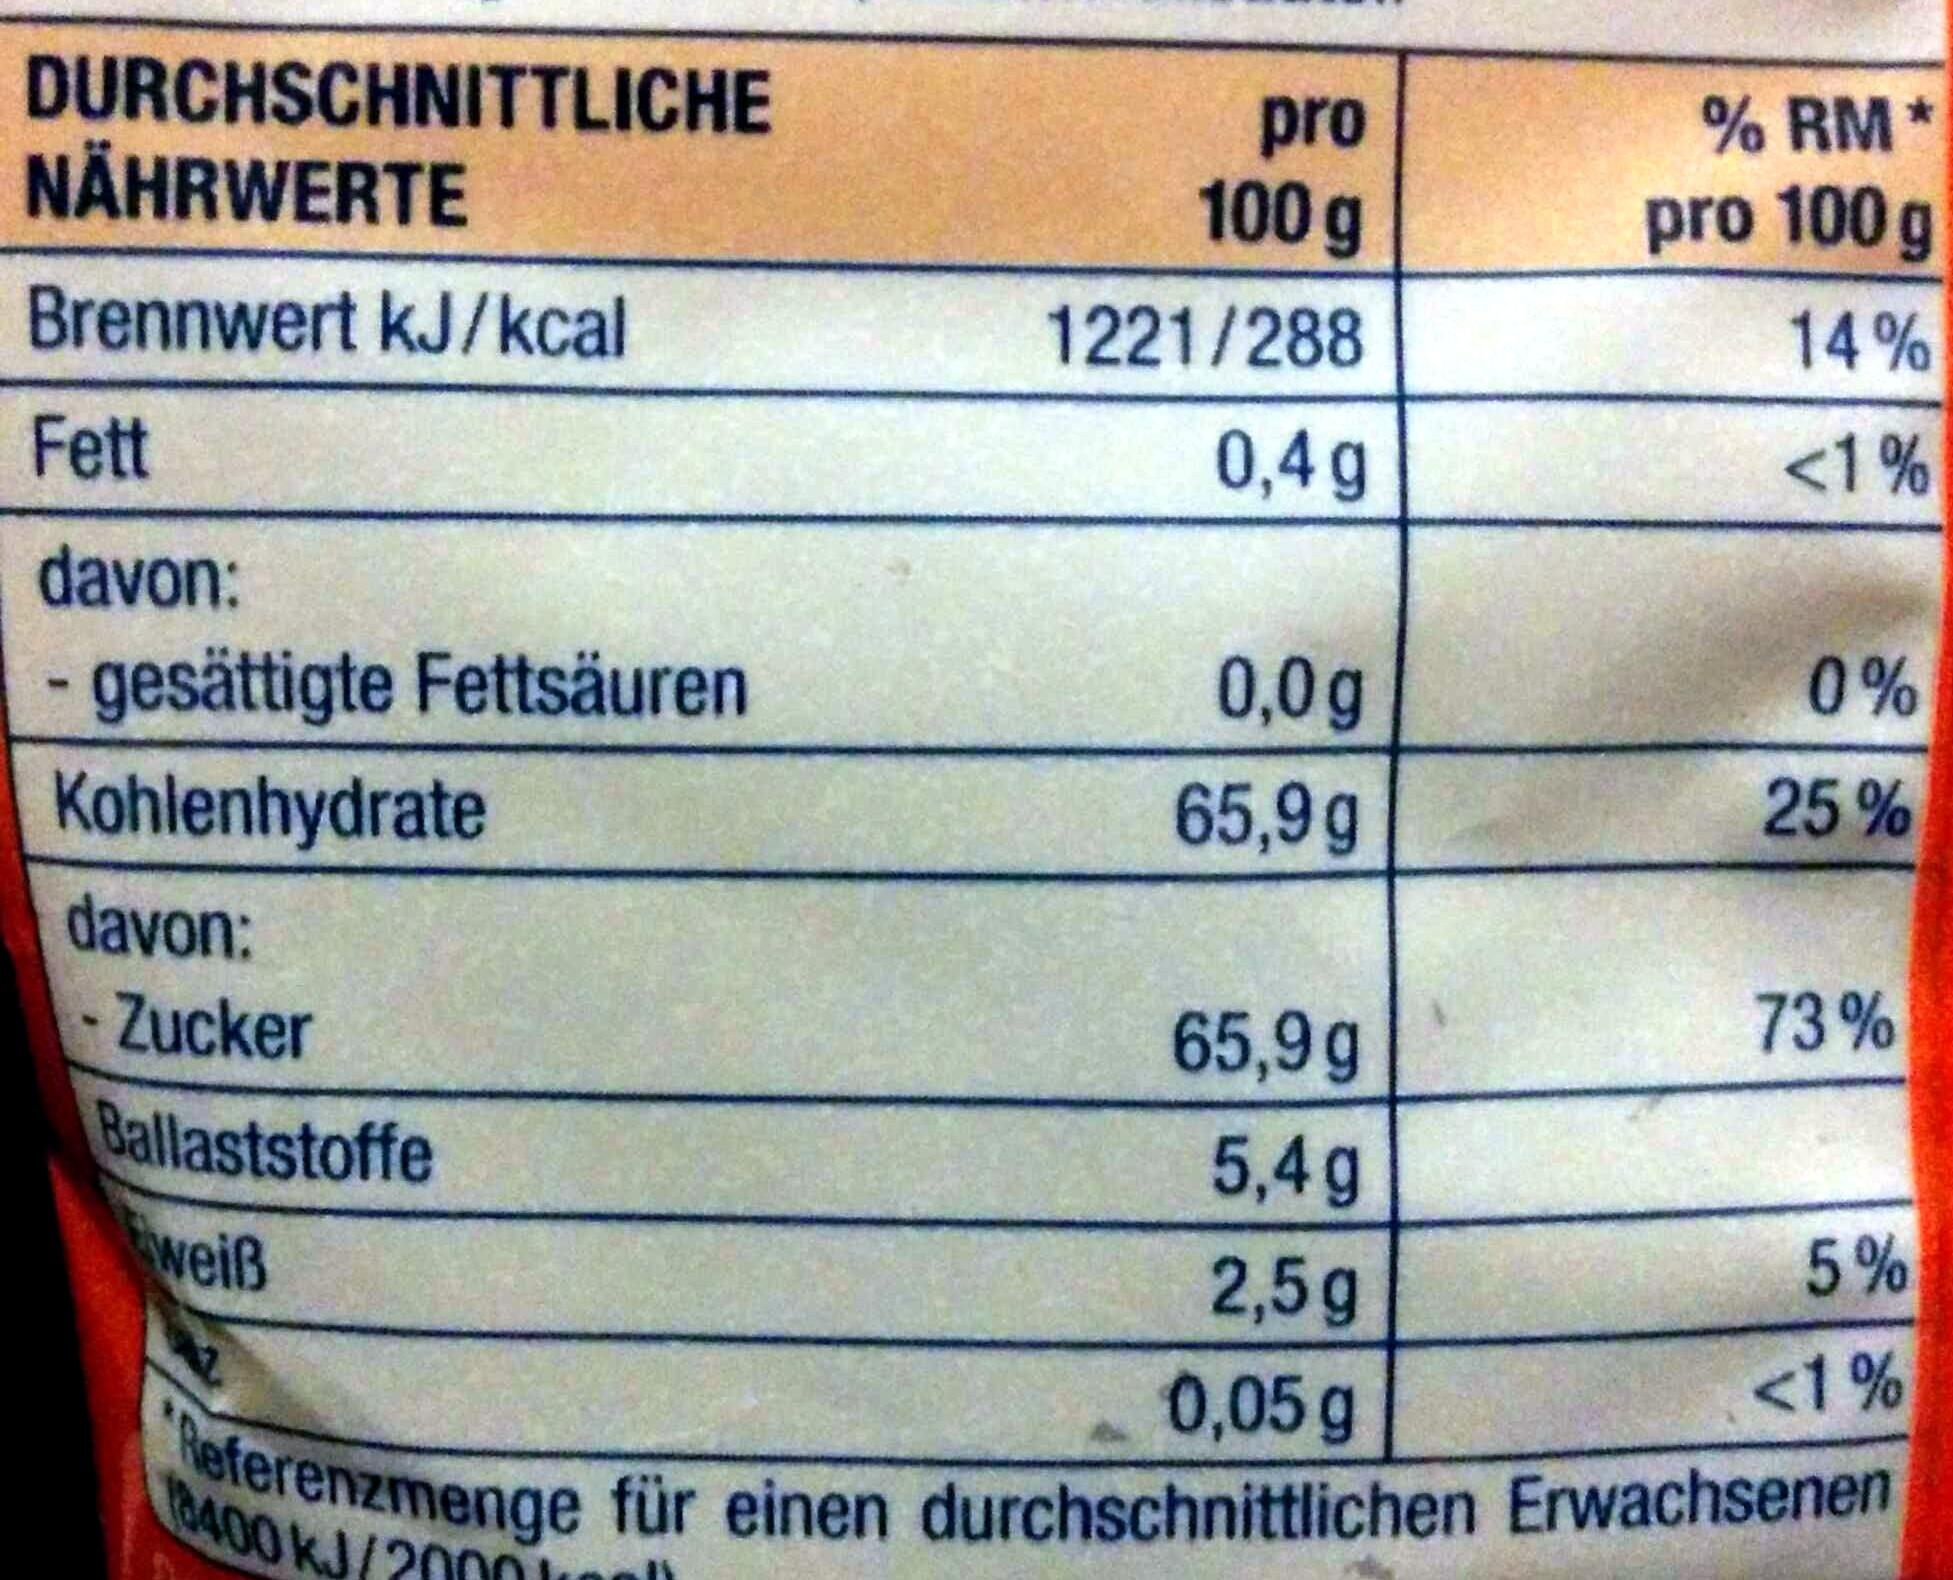 Sultaninen ungeschwefelt - Nutrition facts - de